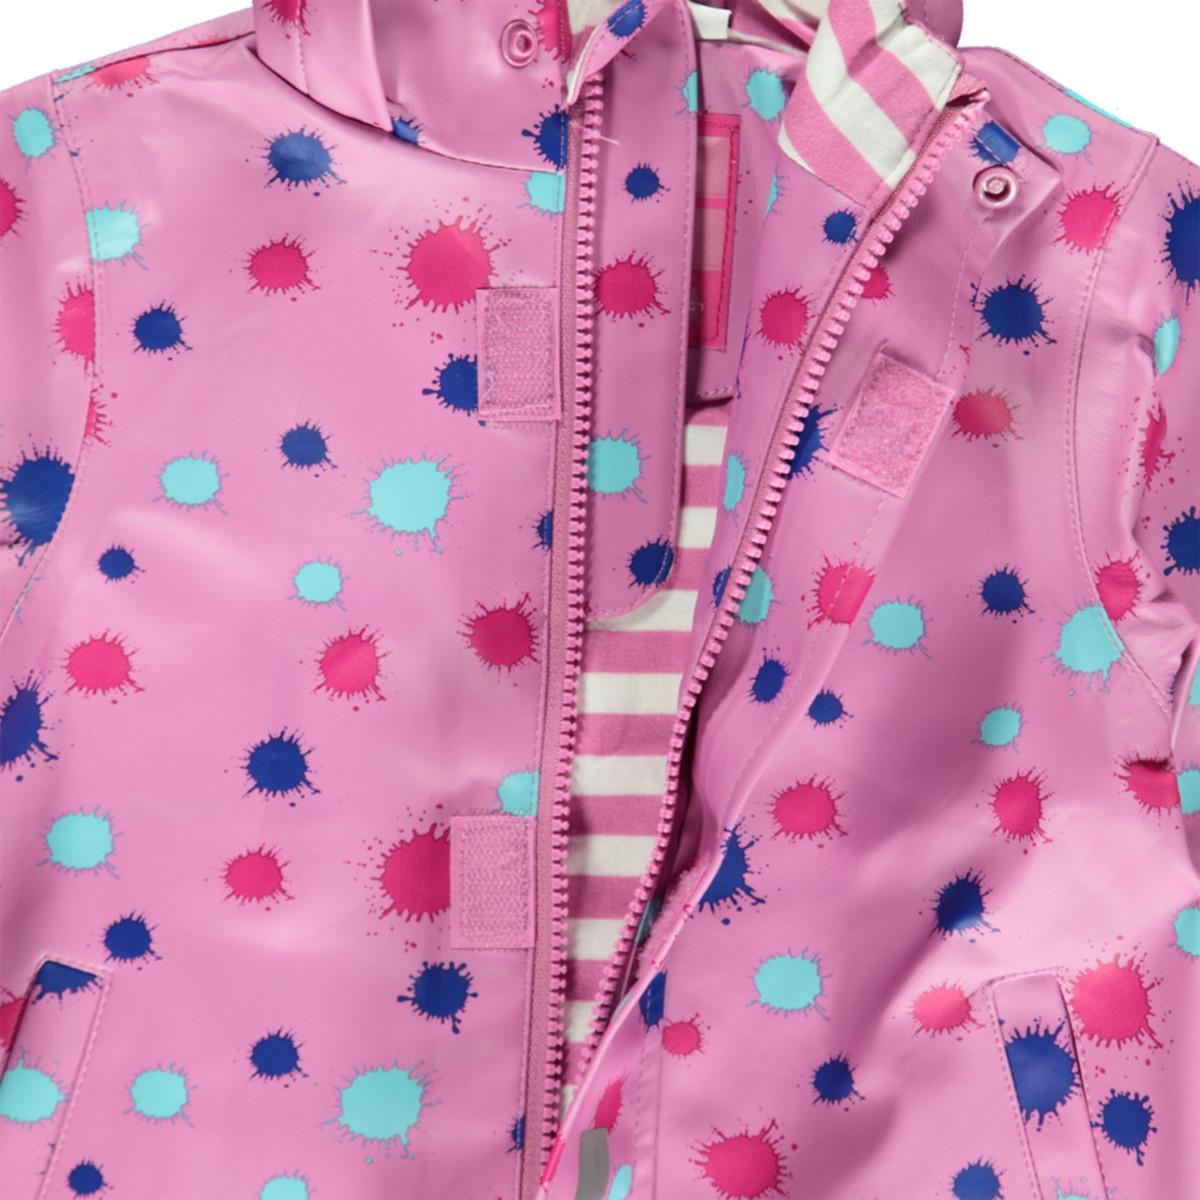 Bild 3 von Mädchen Regenjacke in tollem Design